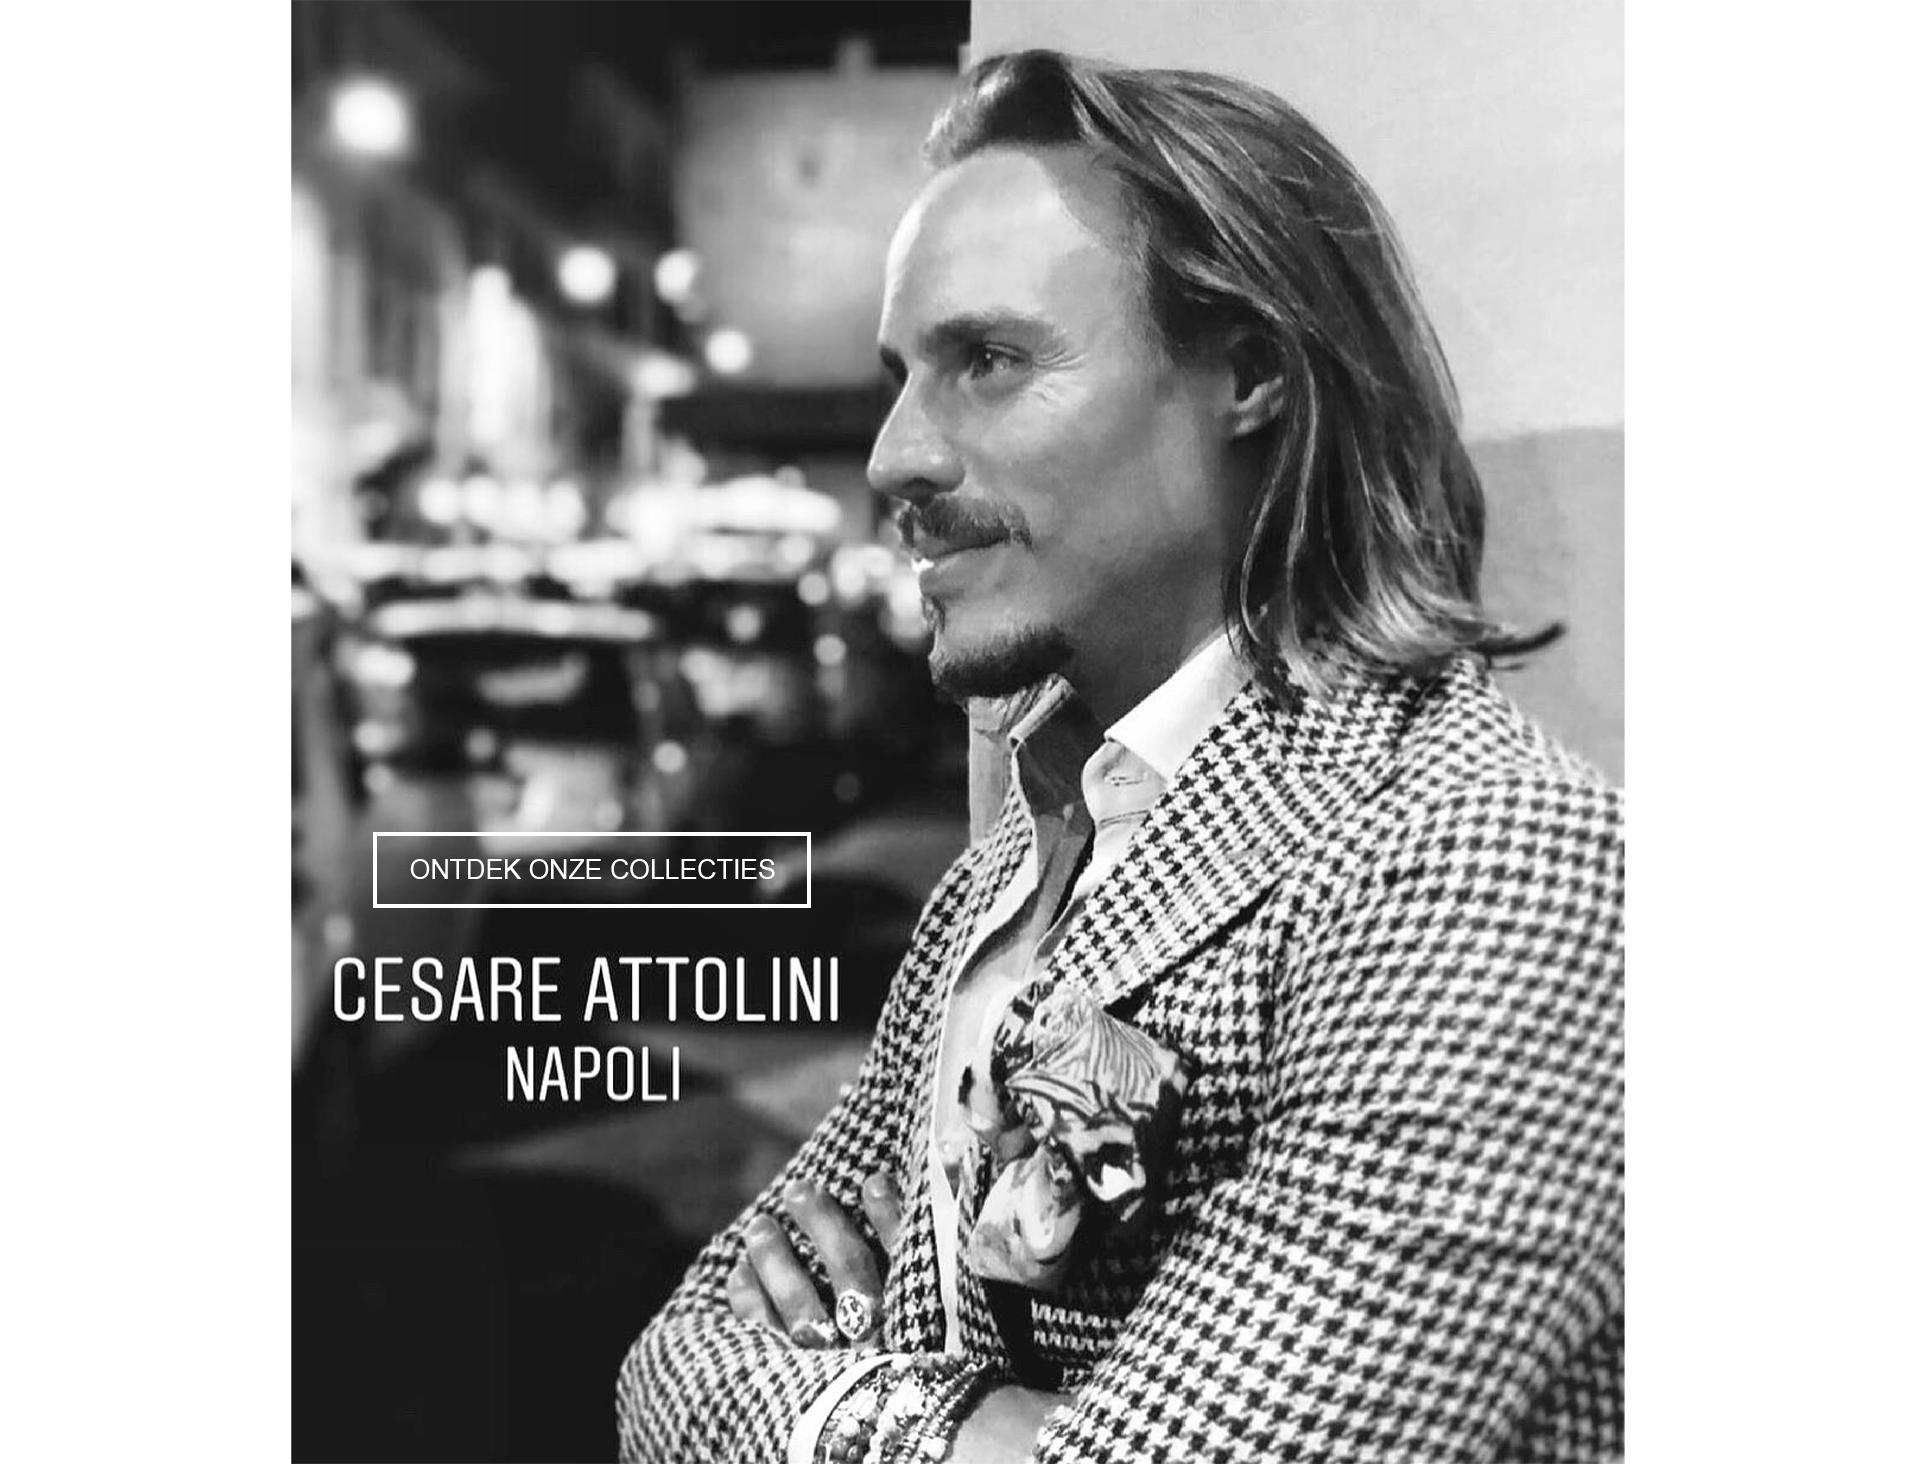 Cesare Attolini Napoli